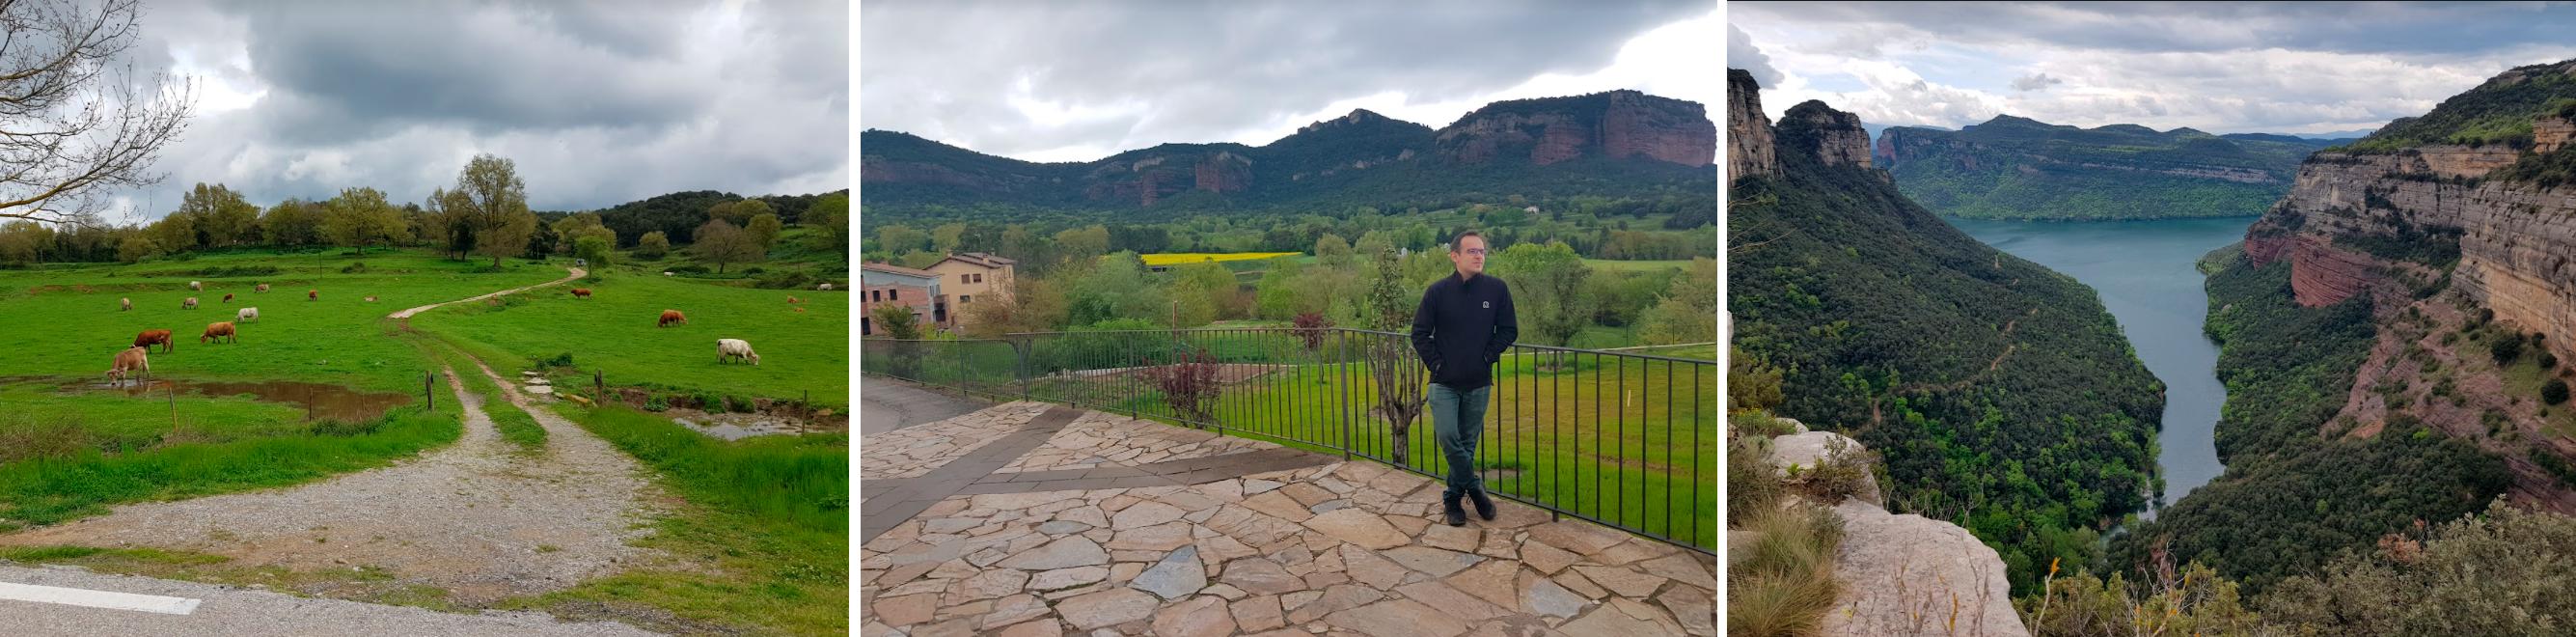 [Личный опыт] Как живется разработчику в Барселоне: налоговые льготы, отличная медицина и жизнь как на курорте - 5